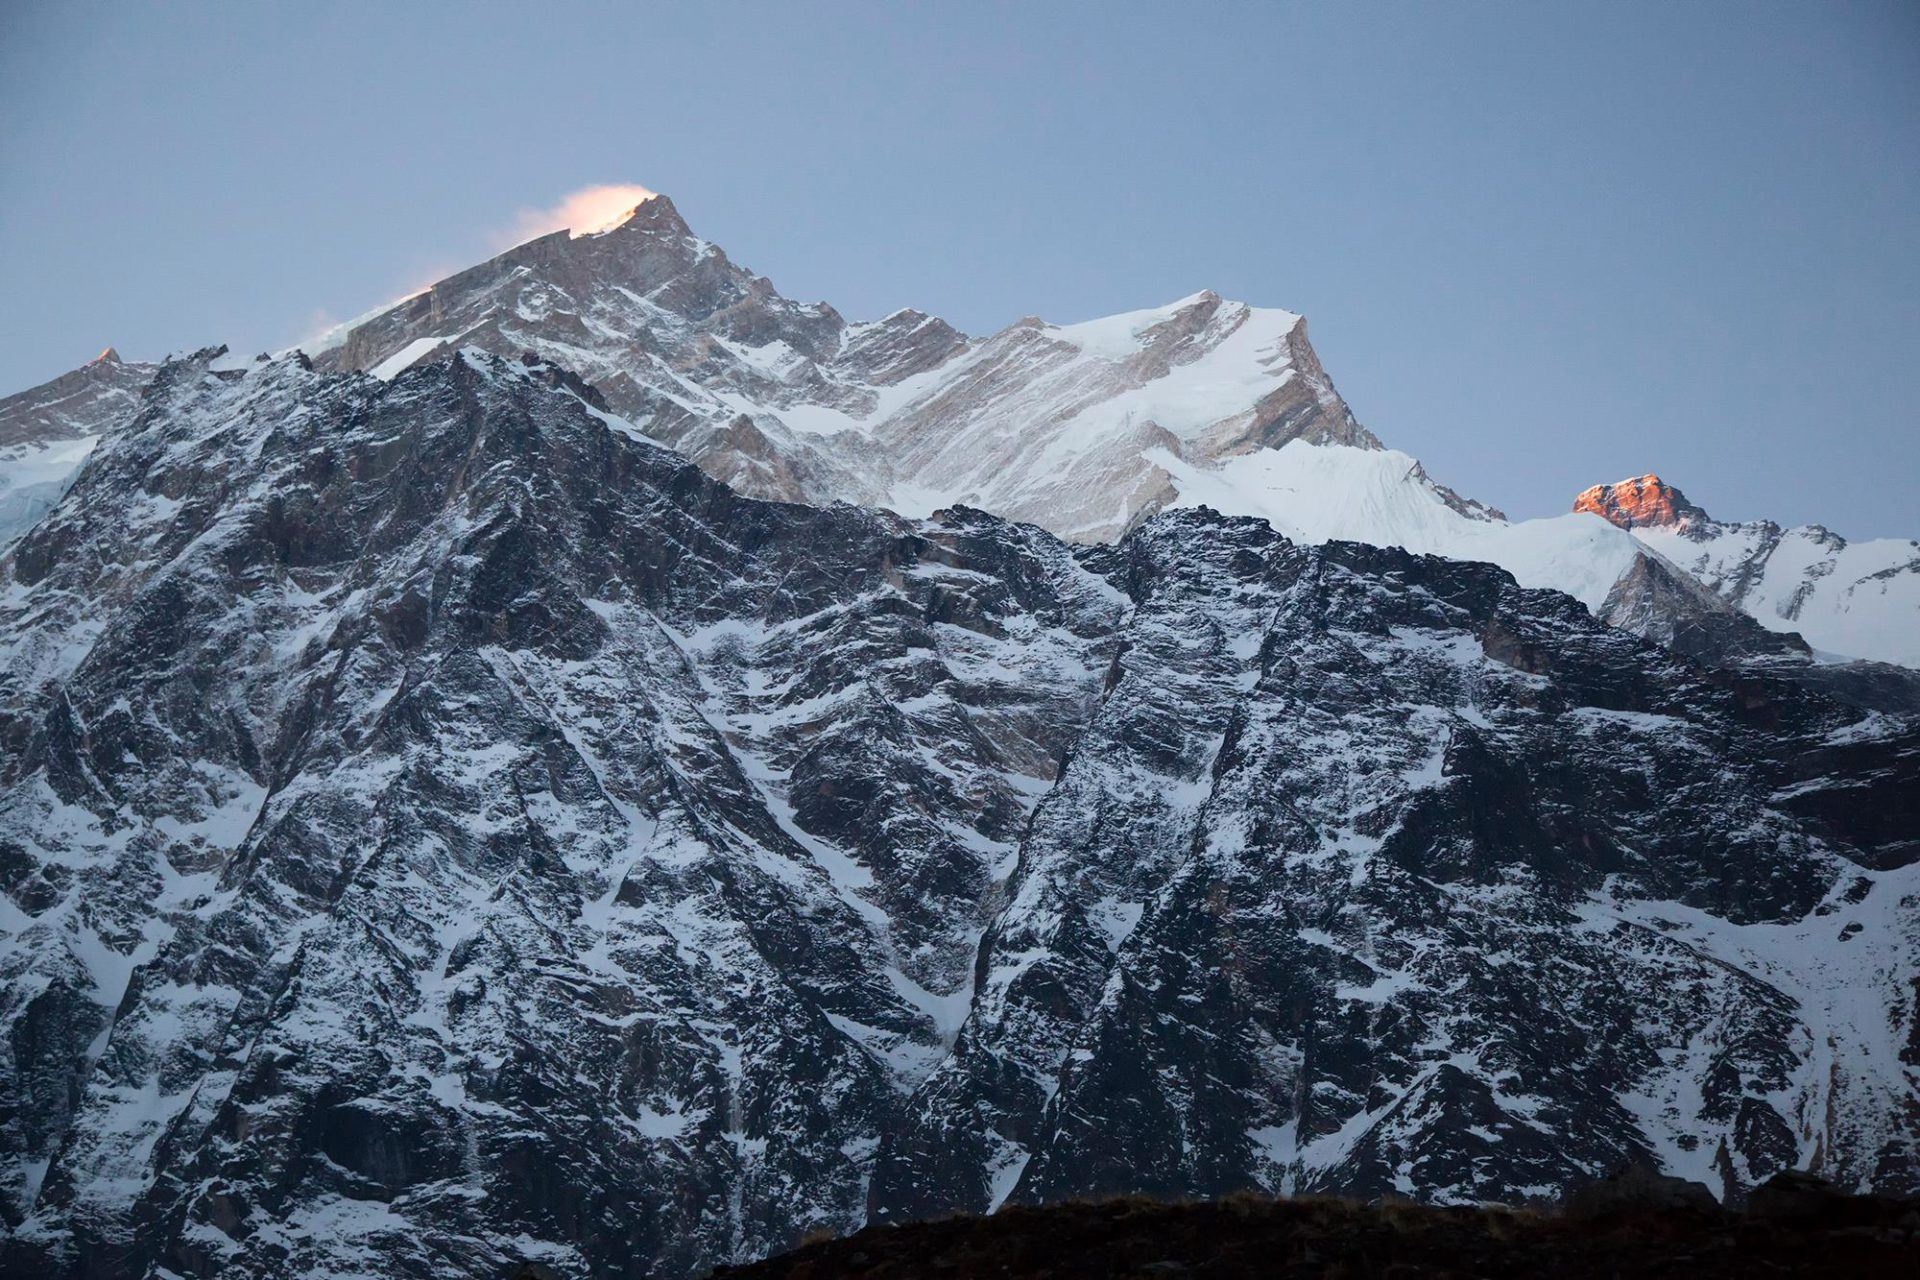 Fotografía de amanecer en el Annapurna